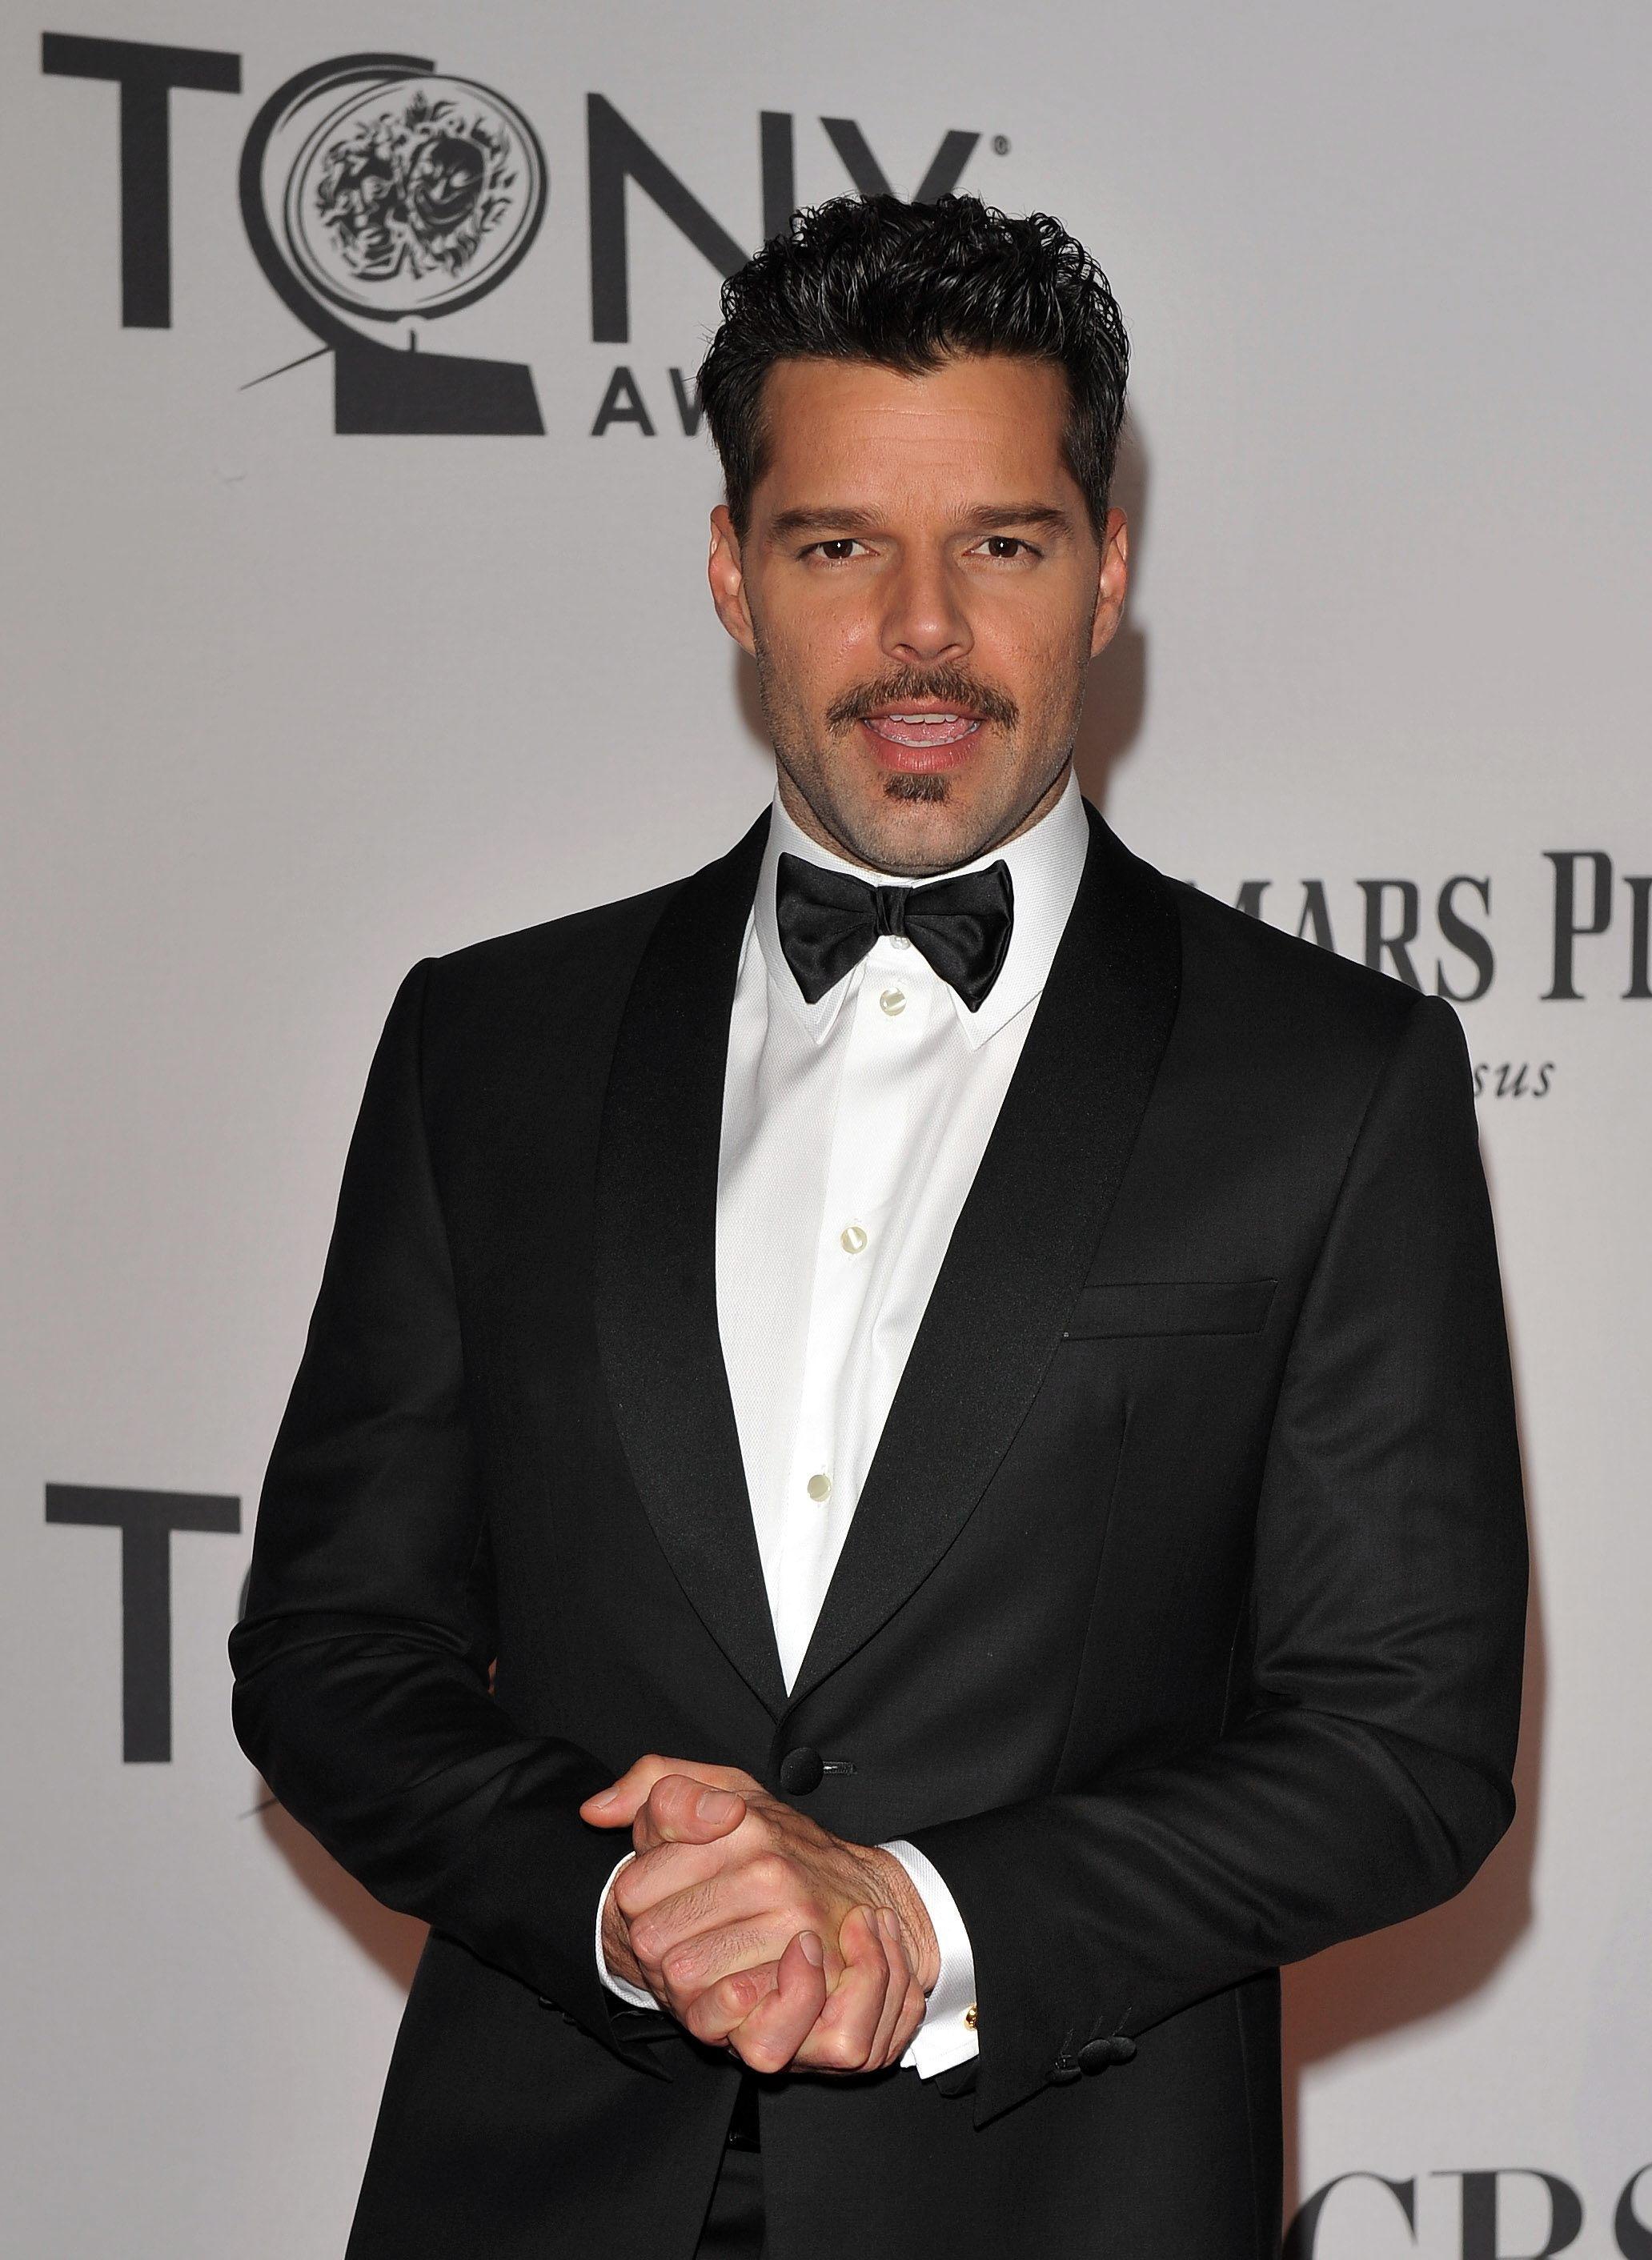 Luciendo una clásica etiqueta en la entrega de los premios Tony en junio de 2012. (Archivo)